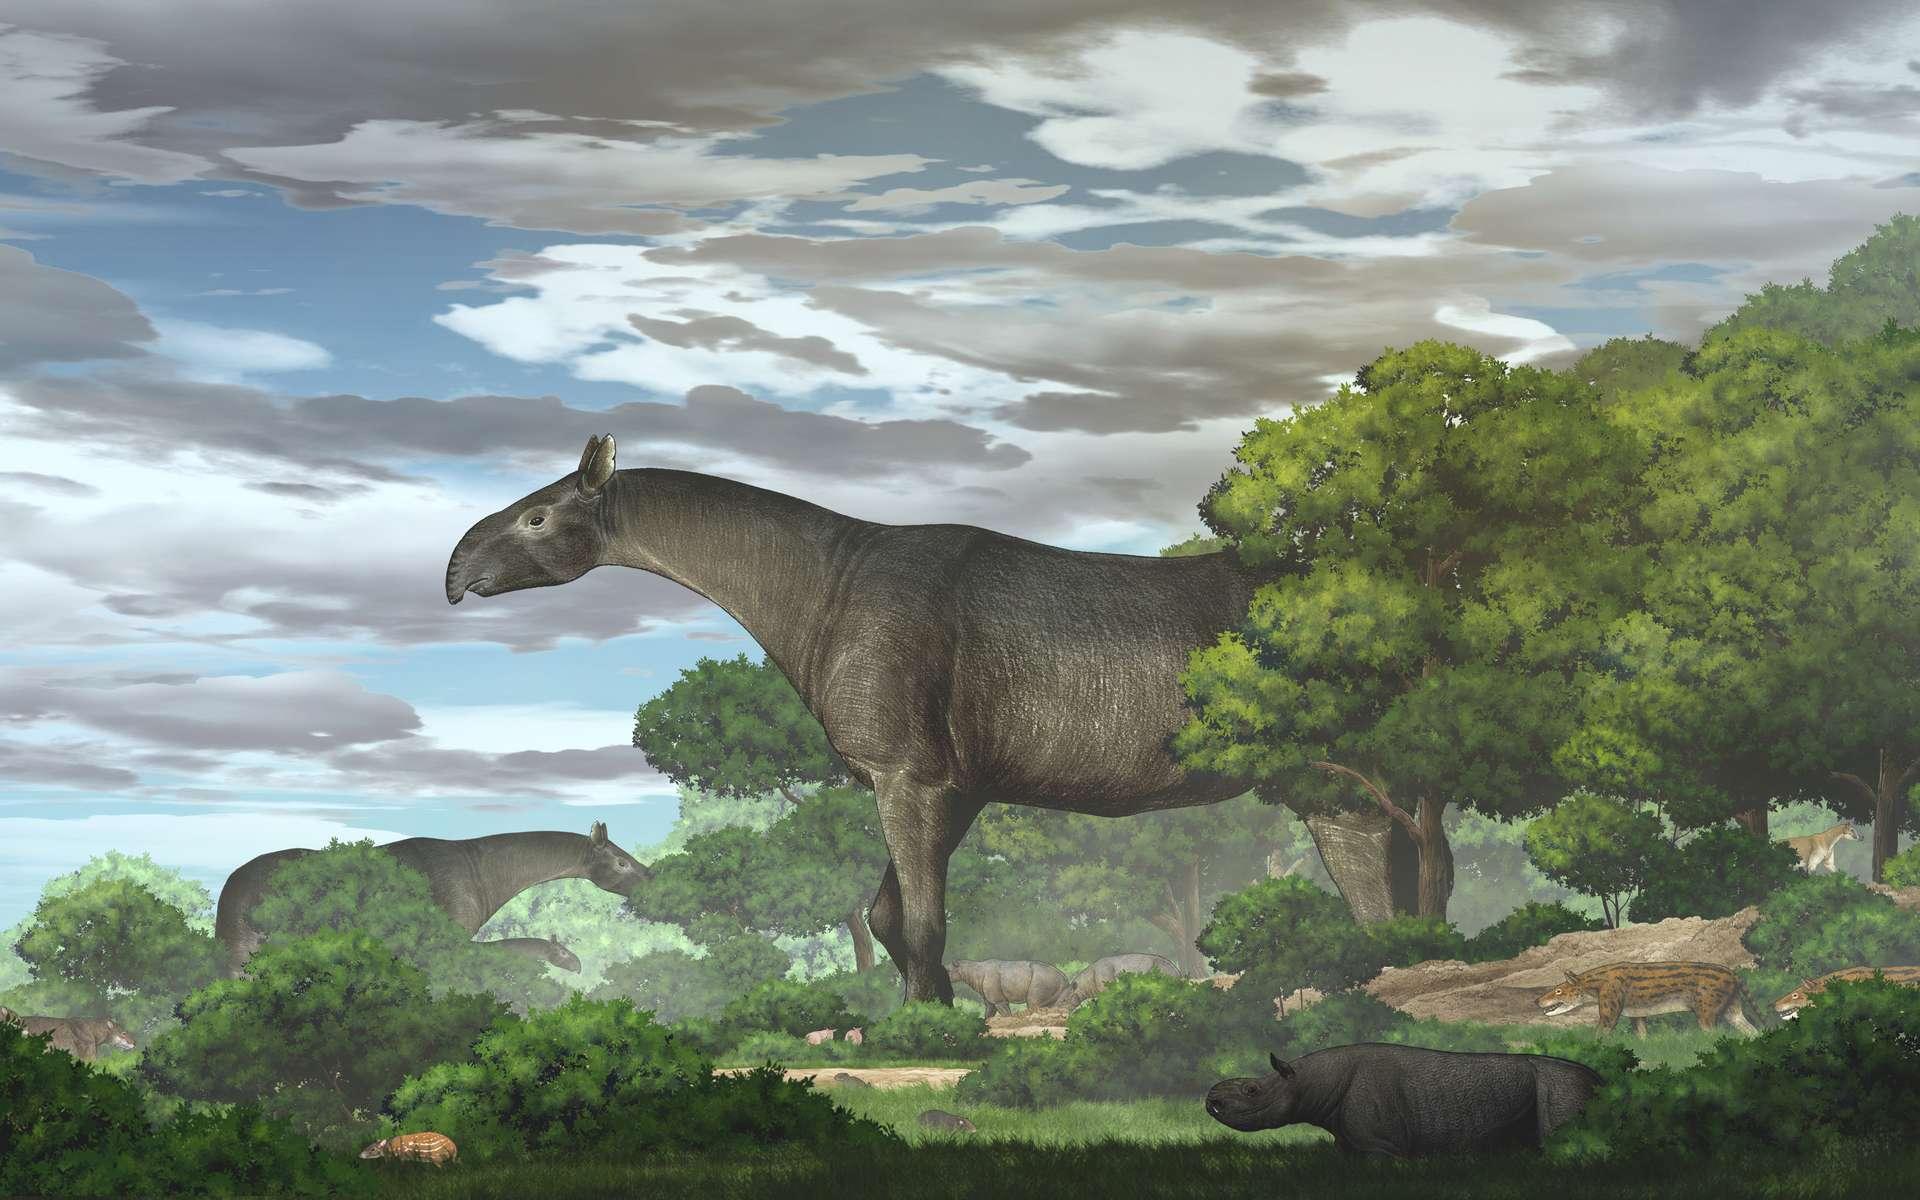 Reconstitution d'un rhinocéros géants et son environnement dans le bassin de Linxia au cours de l'Oligocène. © Tao Deng